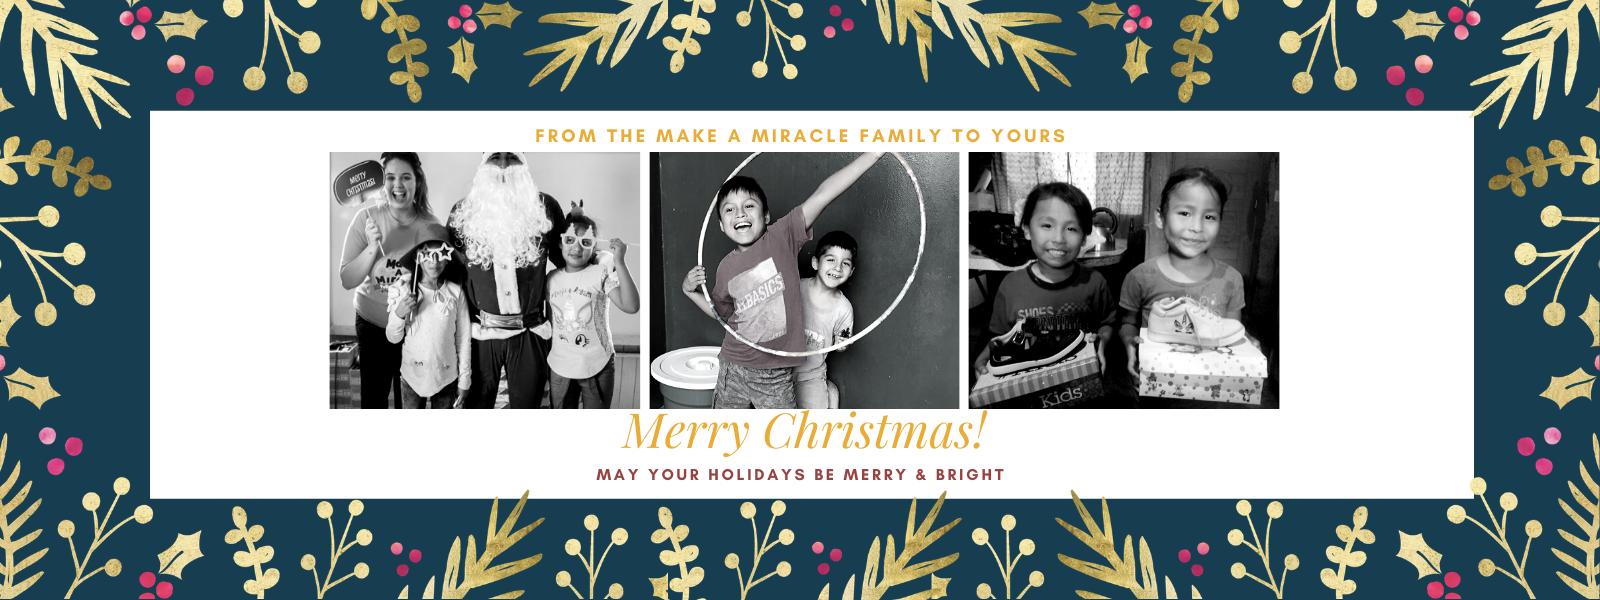 Give Back This Holiday Season image